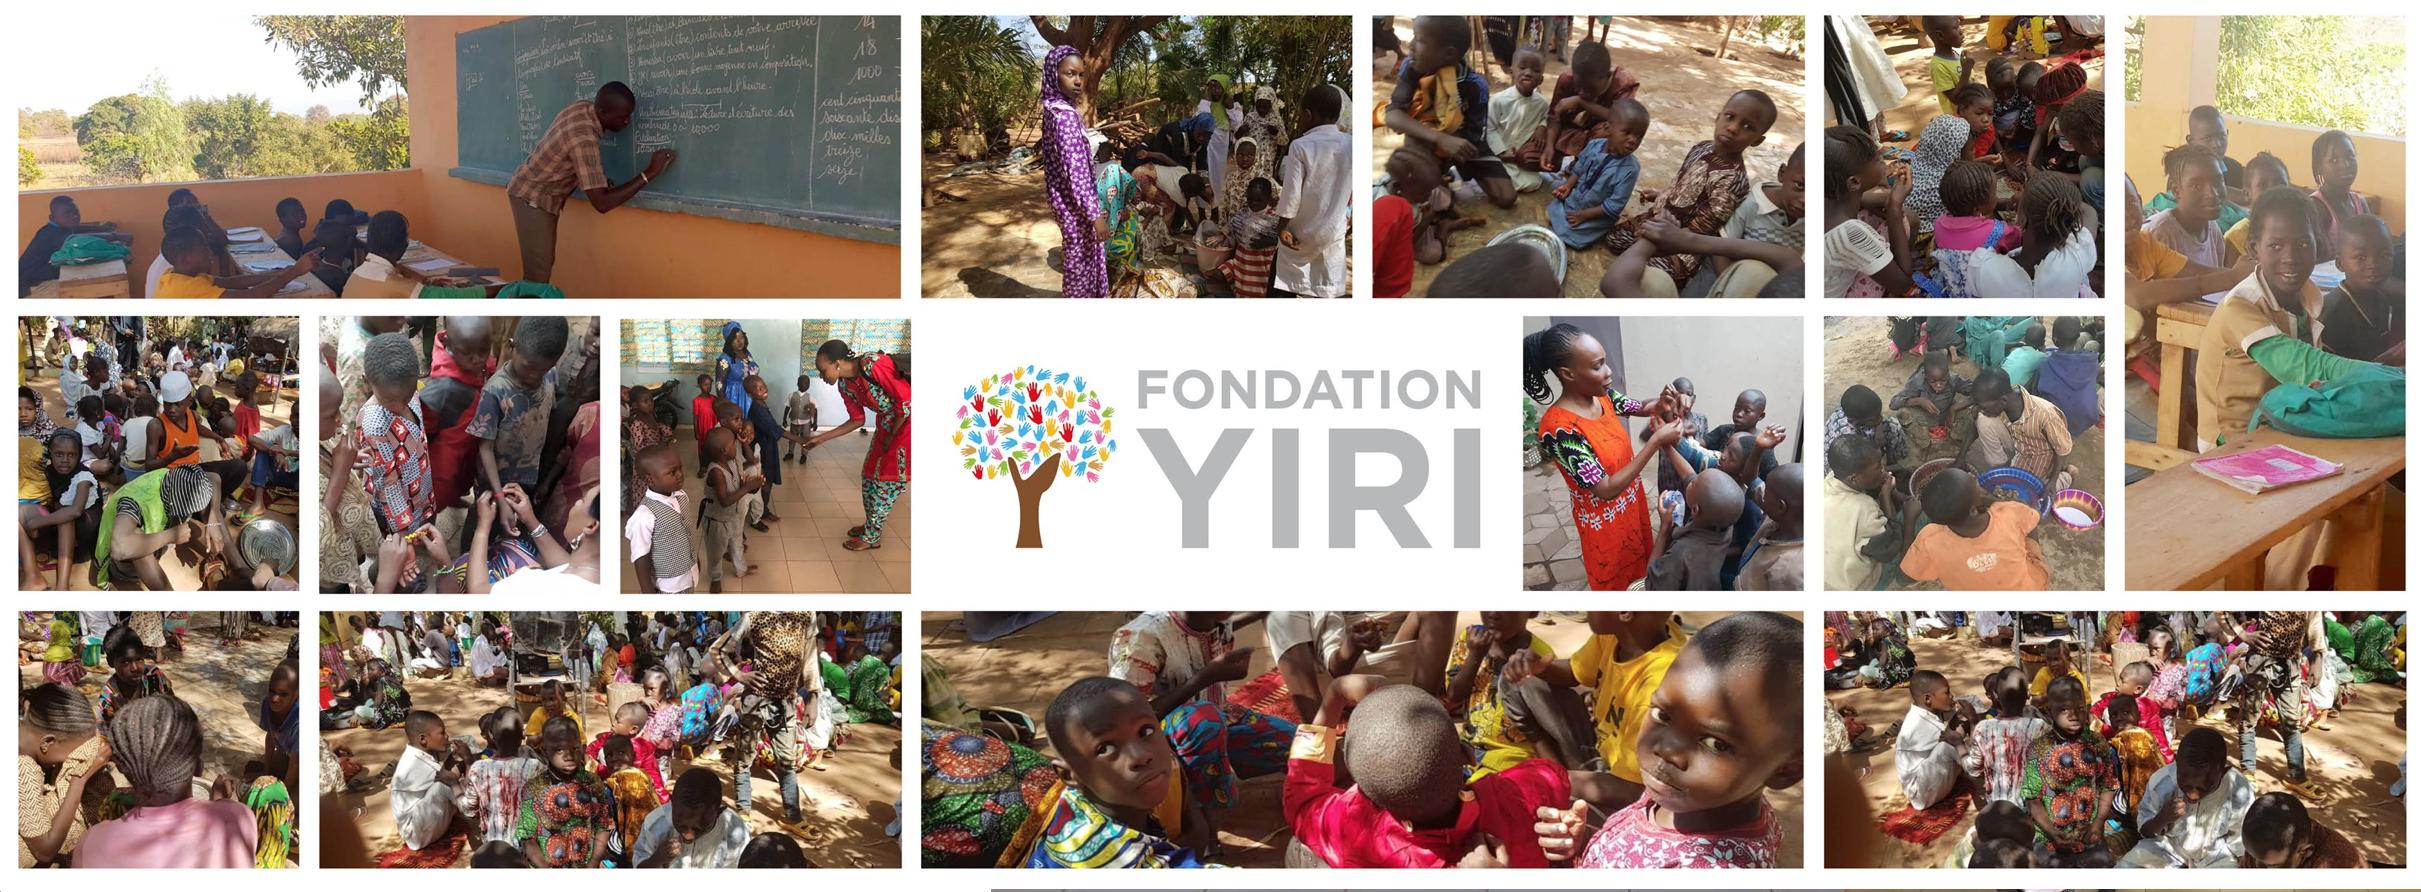 La fondation YIRI : une mission, un combat pour l'avenir.